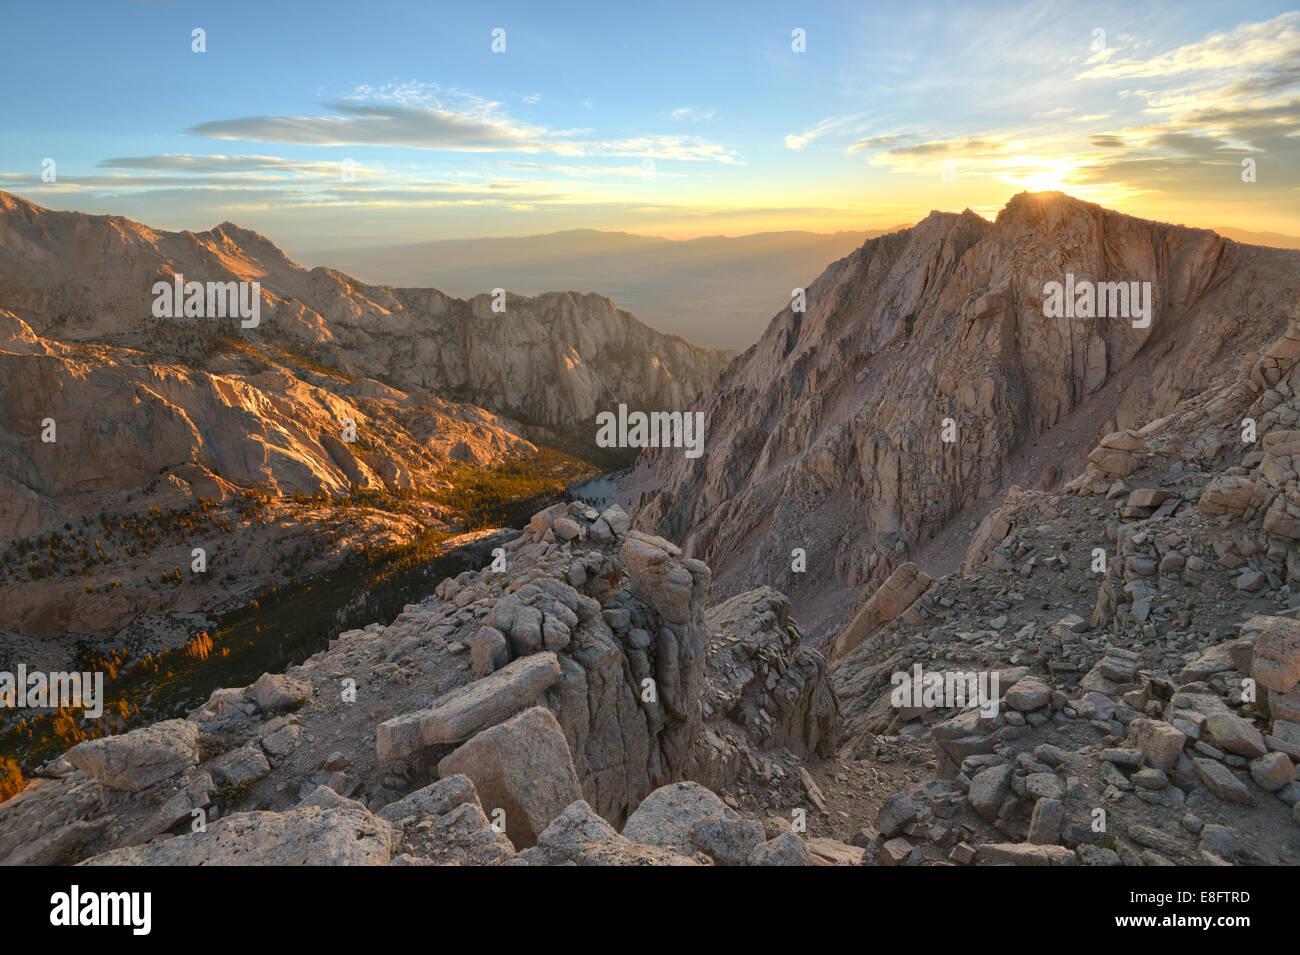 Sunrise Over Candlelight Peak - Stock Image